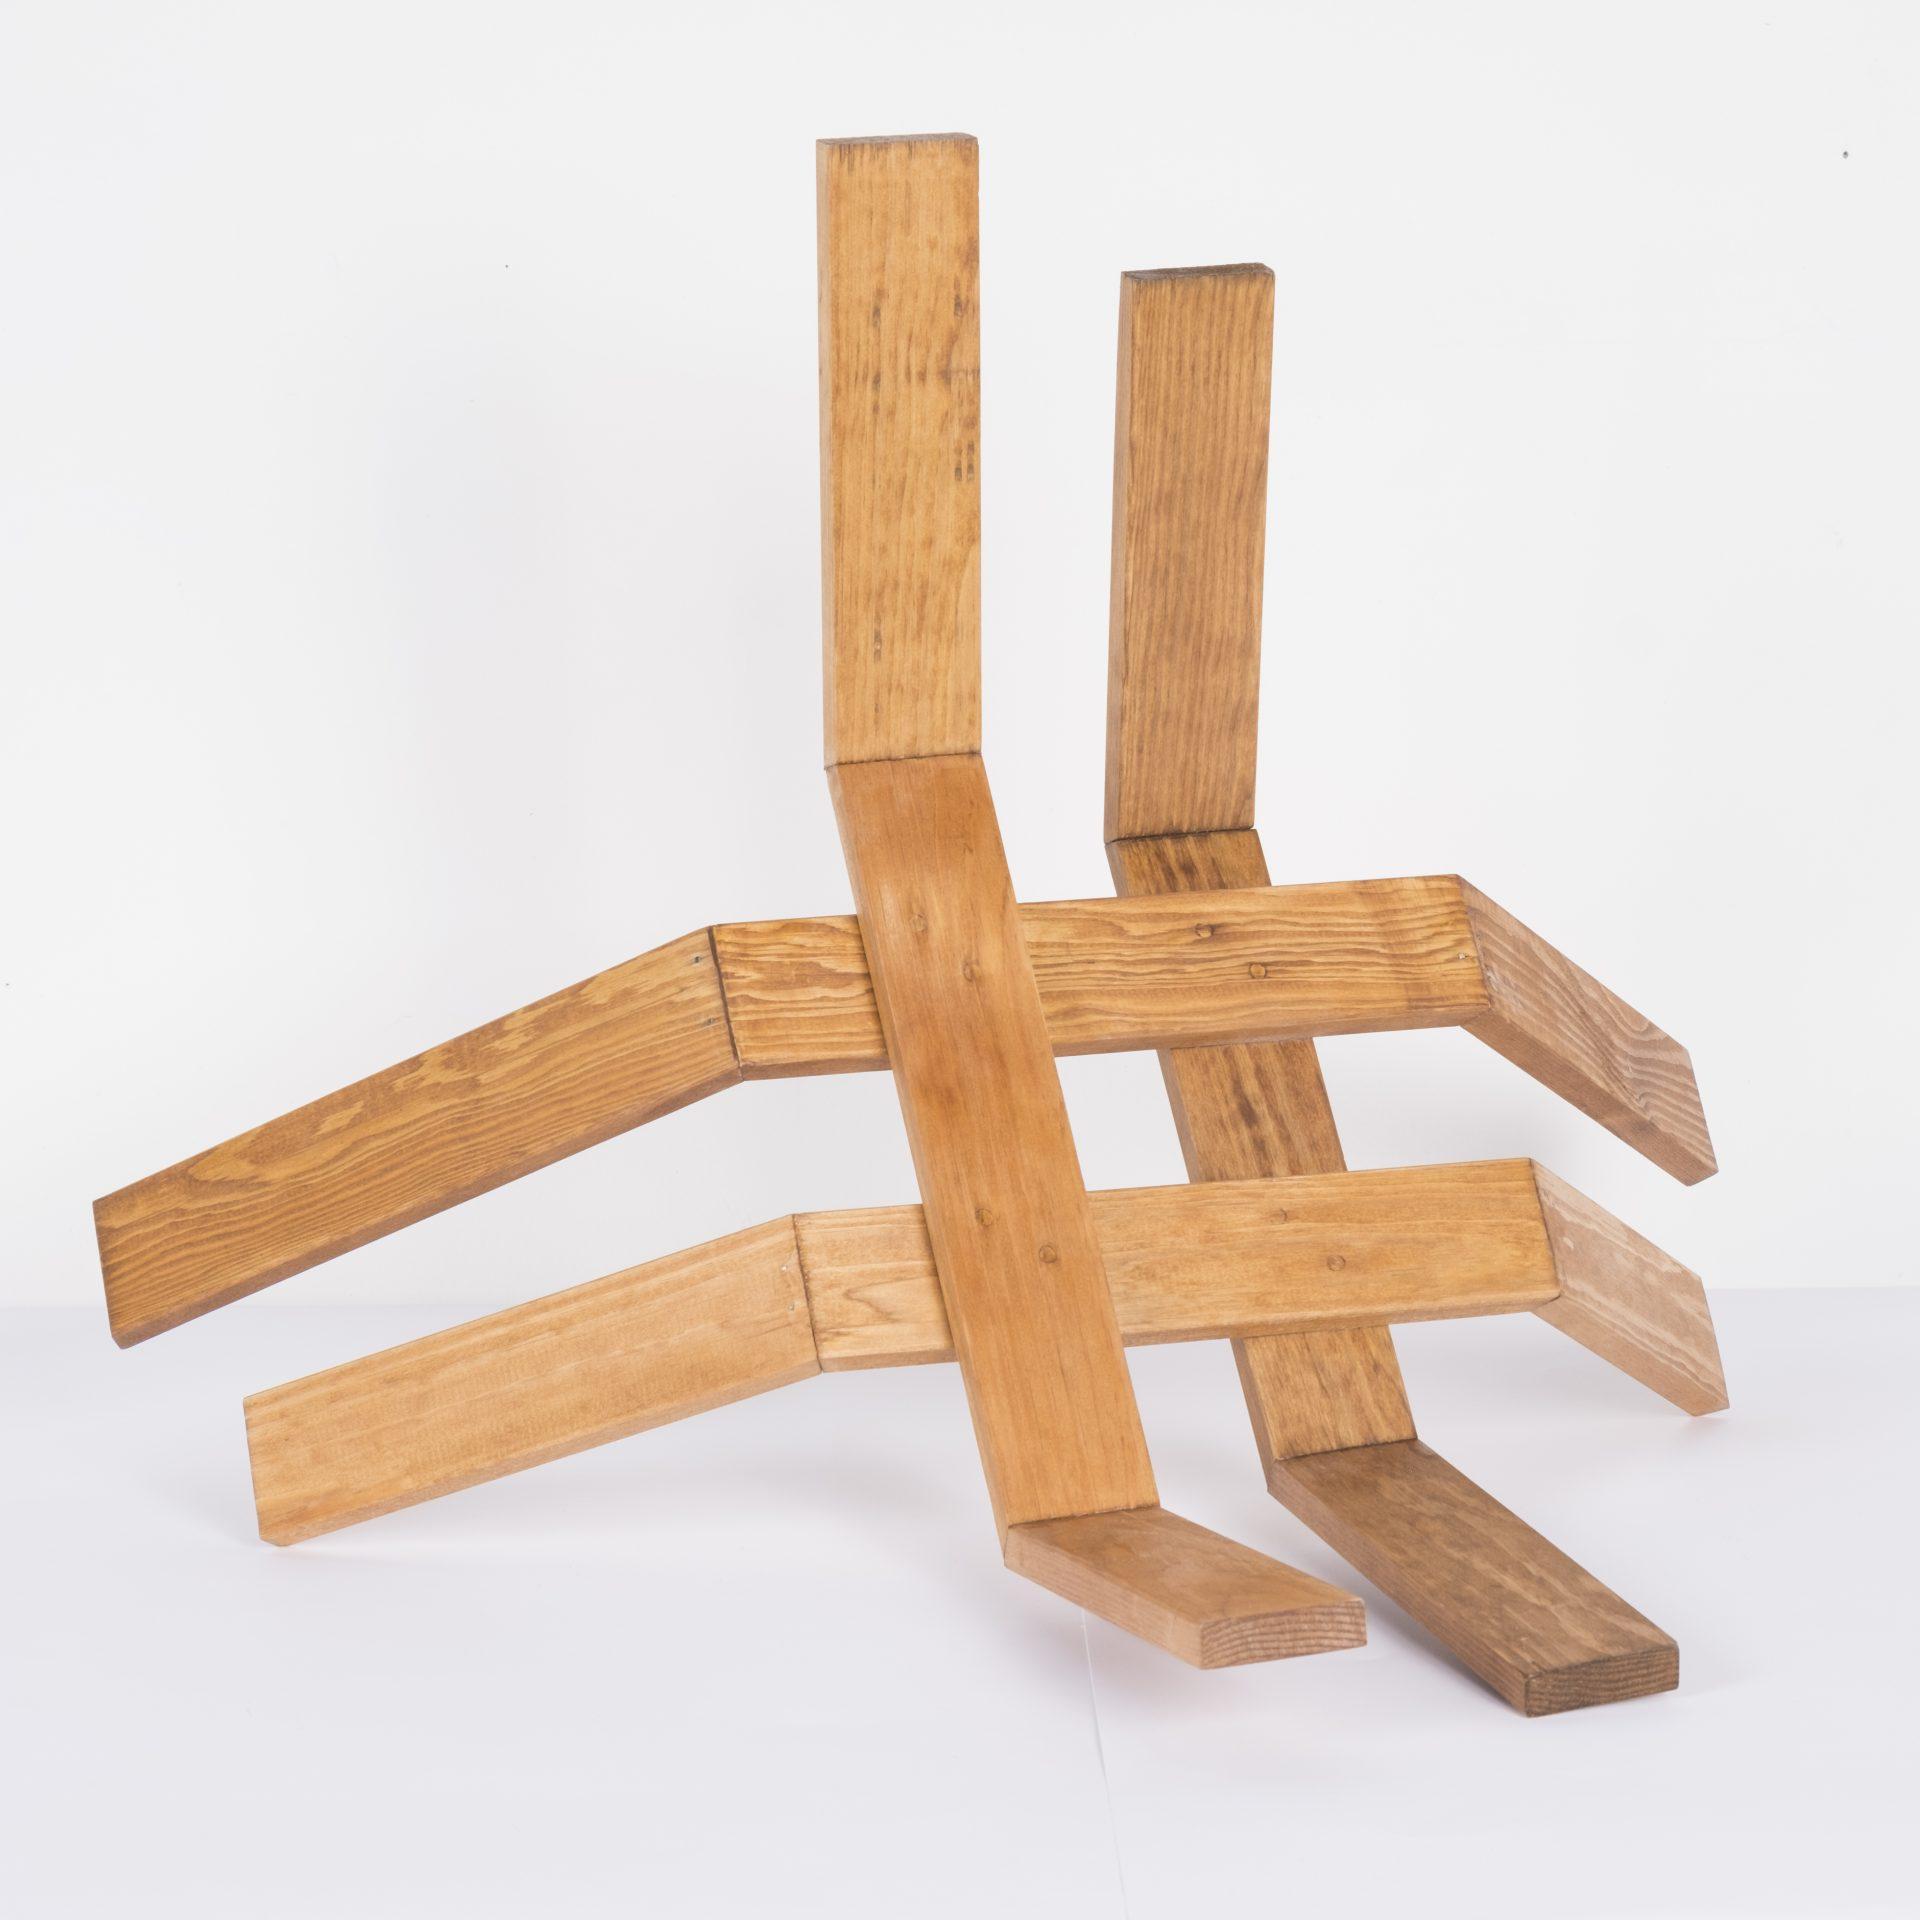 Unlimited in Dynamo<br>RMR16<br>misure: circa 50 x 50 cm<br>tecnica: legno <br>anno: 2018<br>